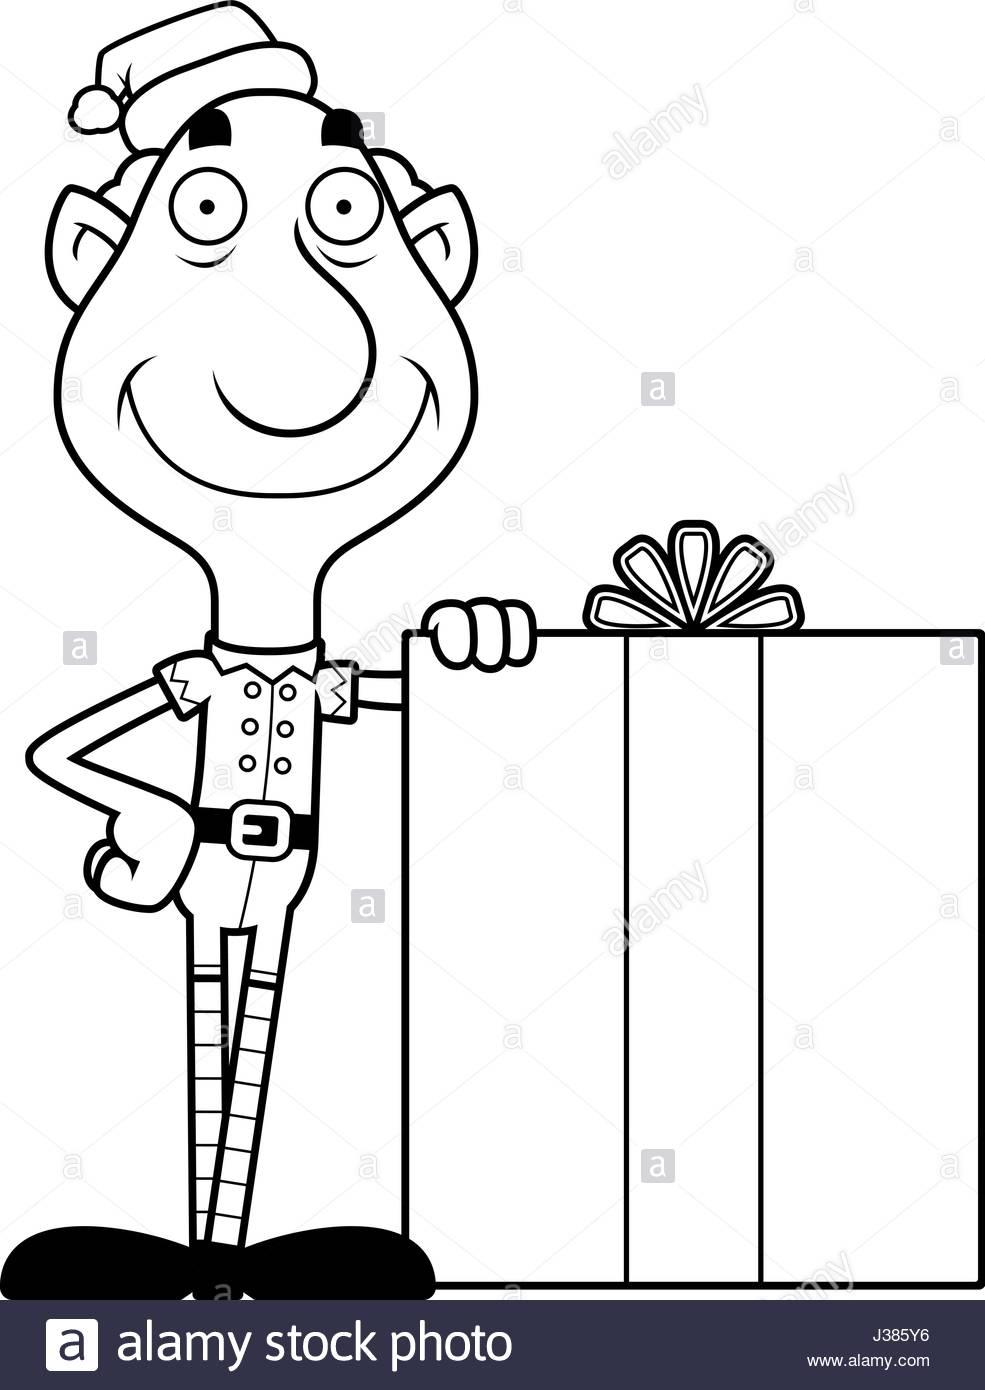 Une Illustration D'un Dessin De Lutin De Noël Grand-Père tout Dessiner Un Lutin